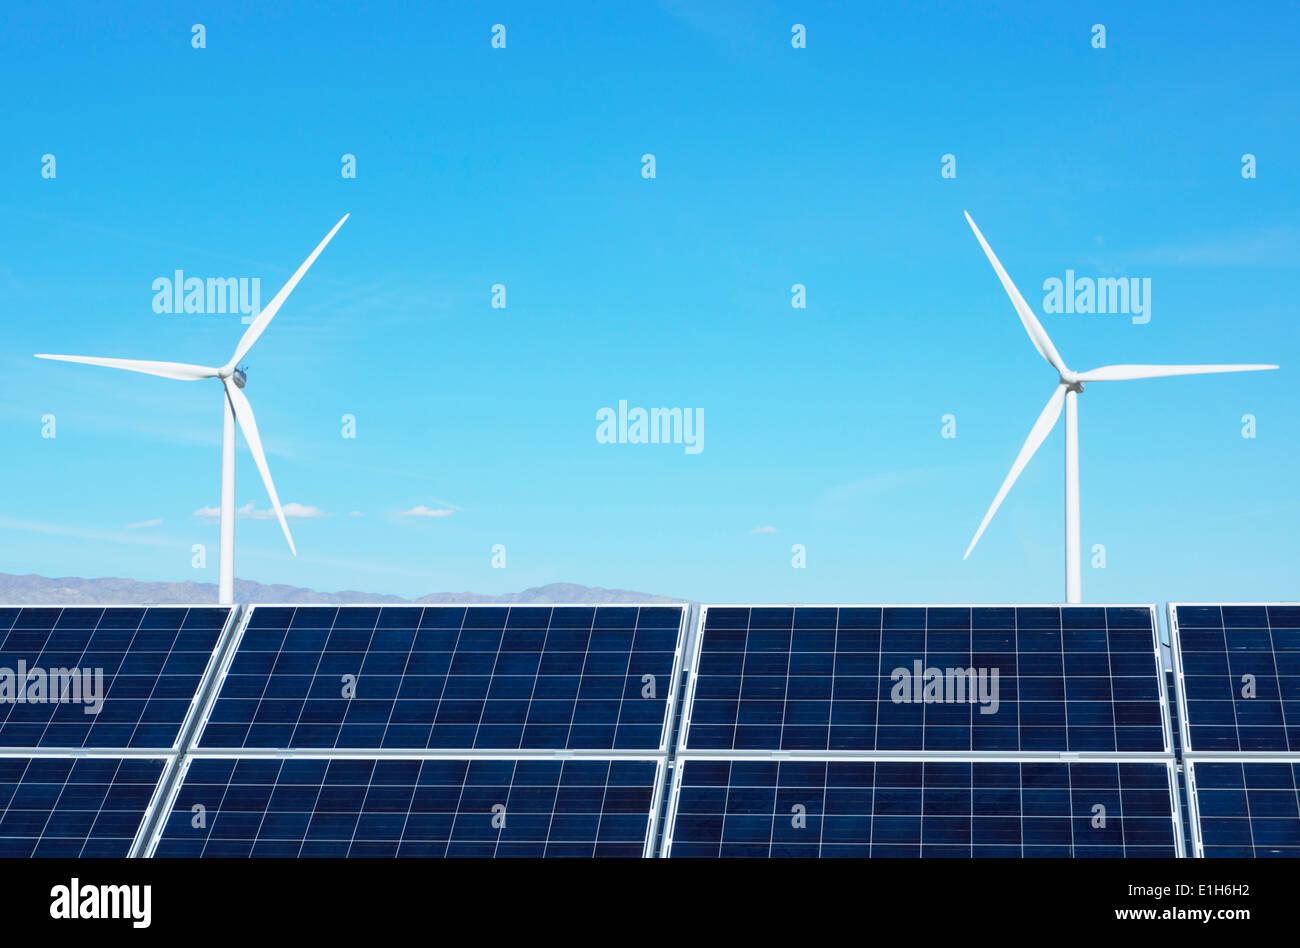 Panneaux solaires photovoltaïques et éoliennes, Col San Gorgonio Wind Farm, Palm Springs, California, Photo Stock